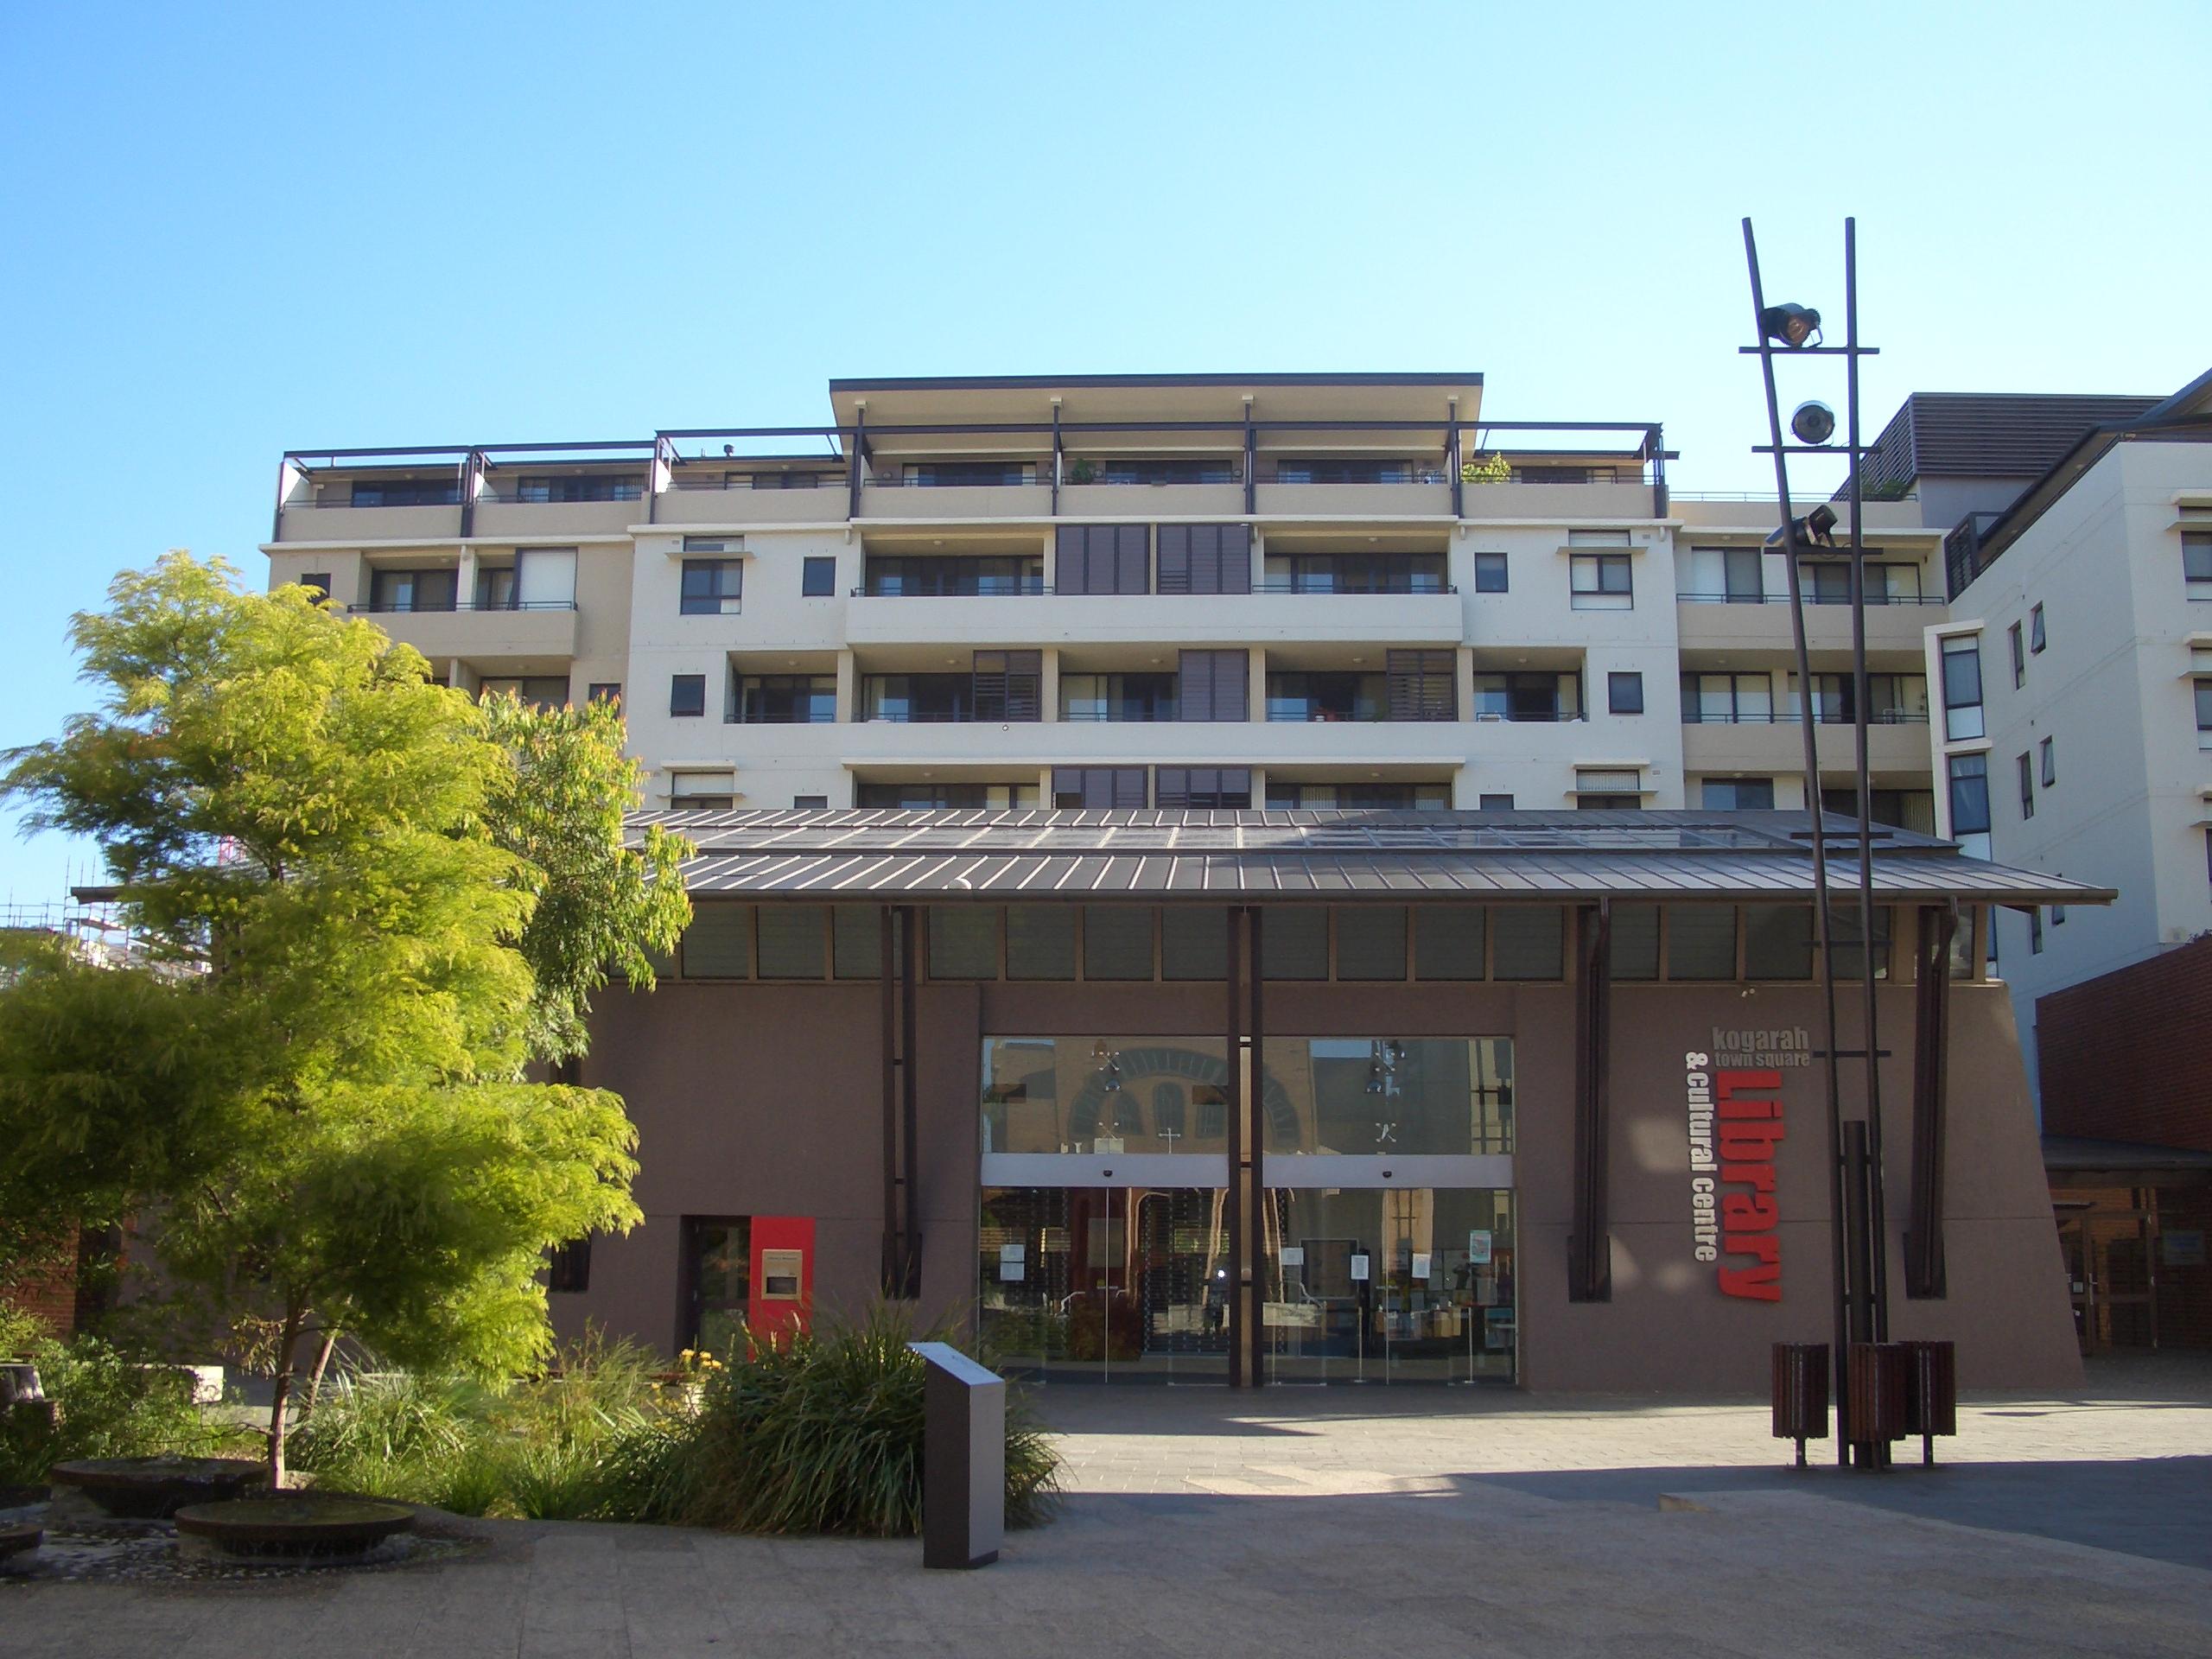 File:Kogarah Library.JPG - Wikimedia Commons: commons.wikimedia.org/wiki/file:kogarah_library.jpg